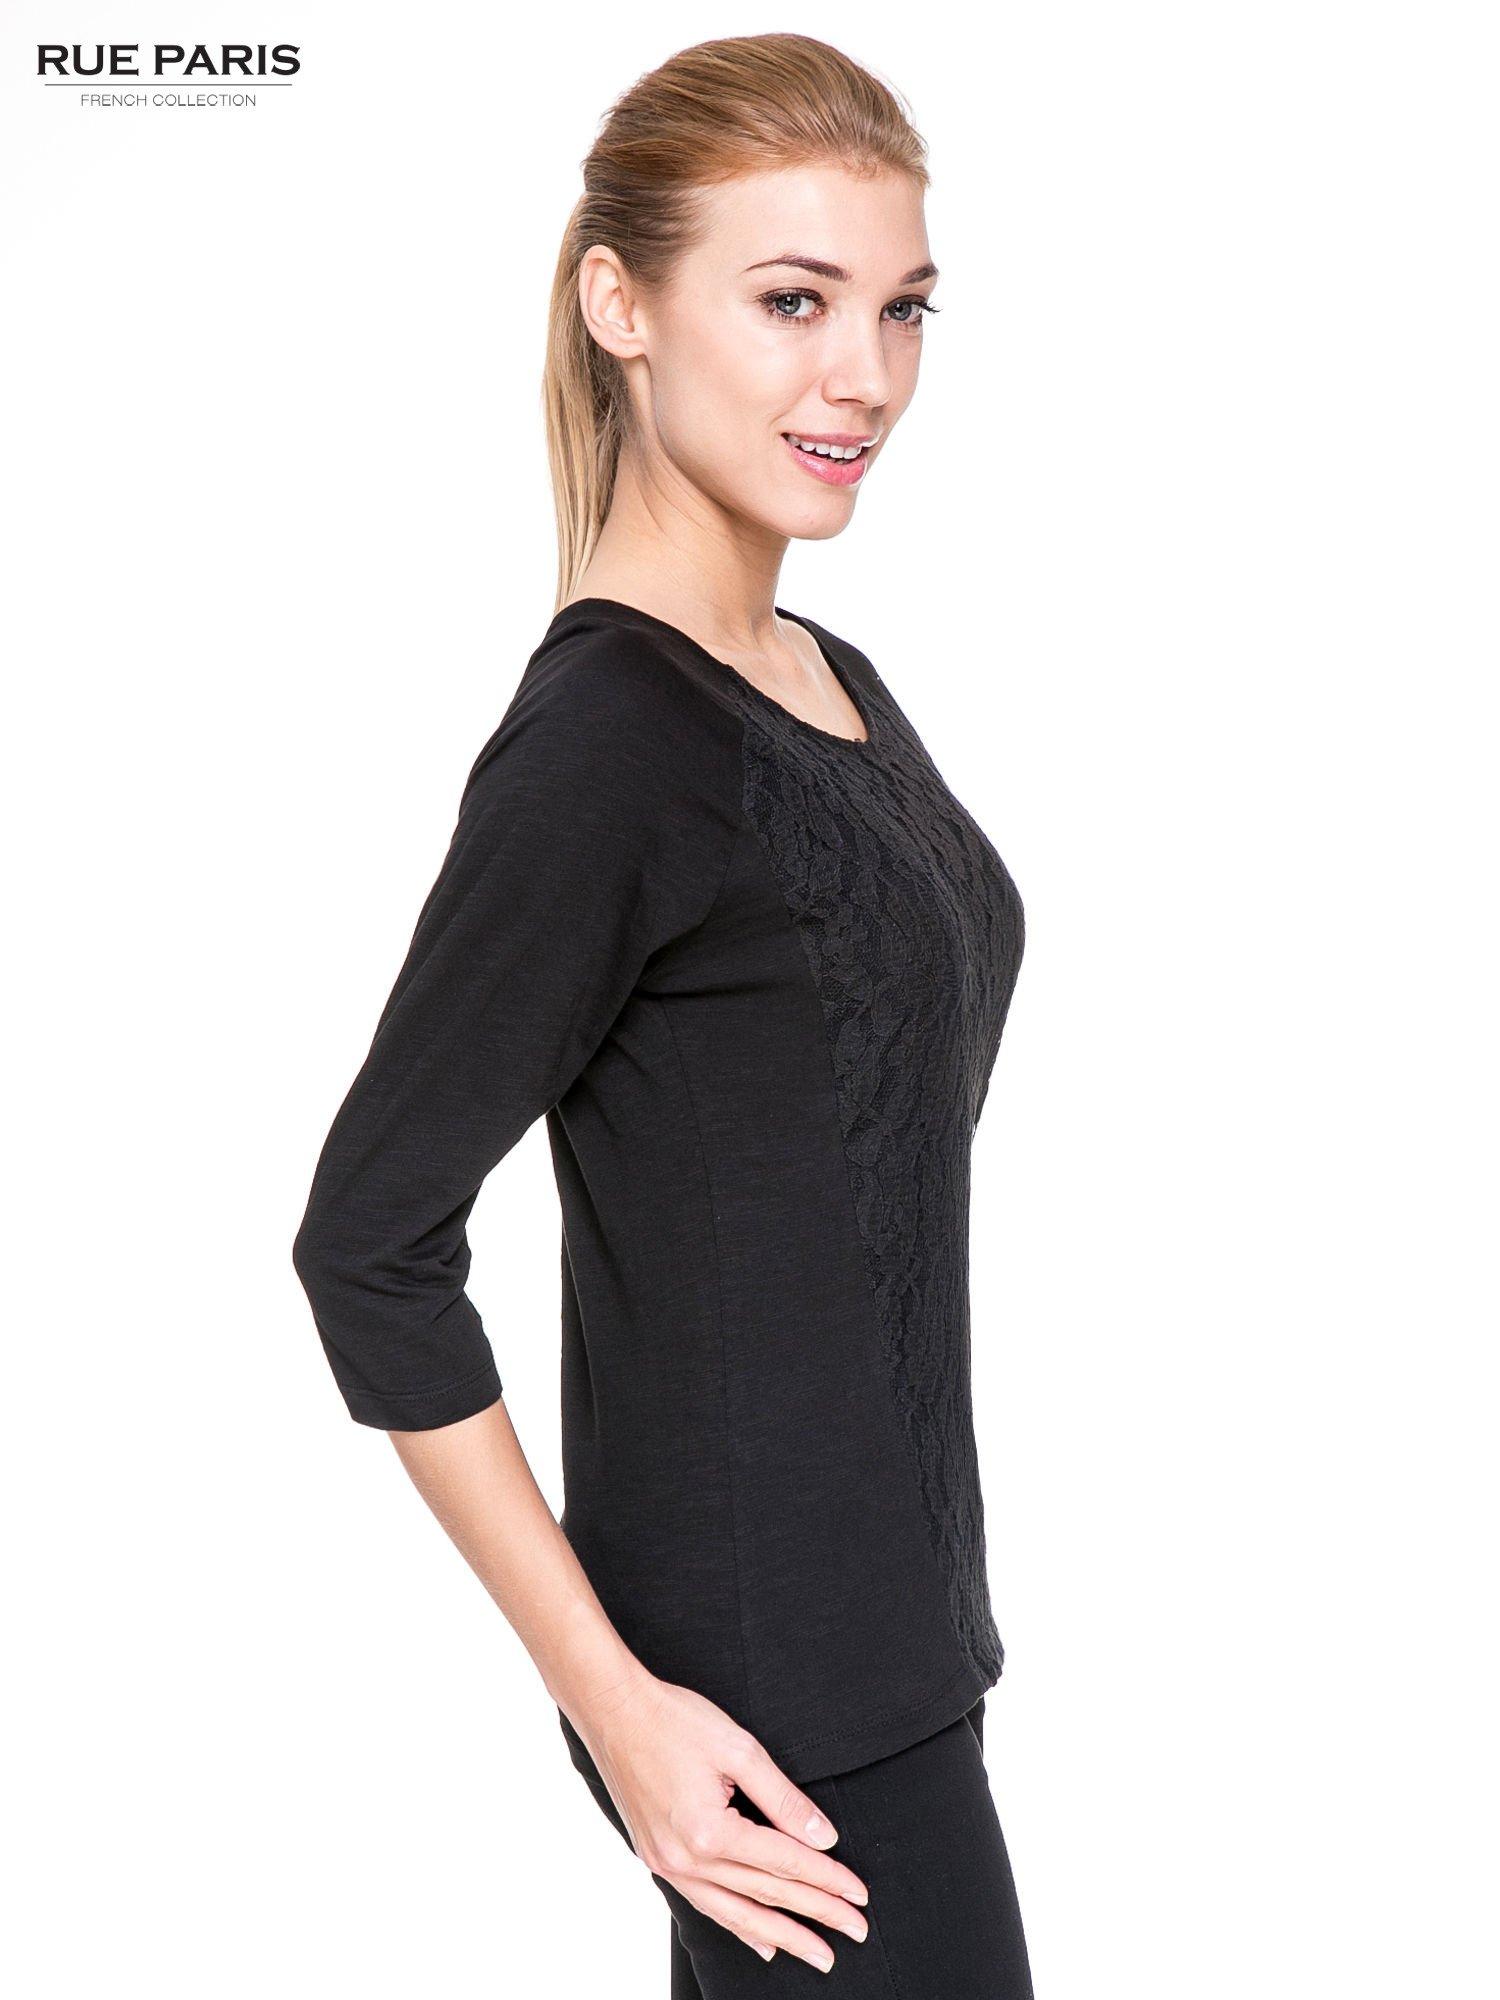 Czarna bluzka z koronkowym przodem                                  zdj.                                  3